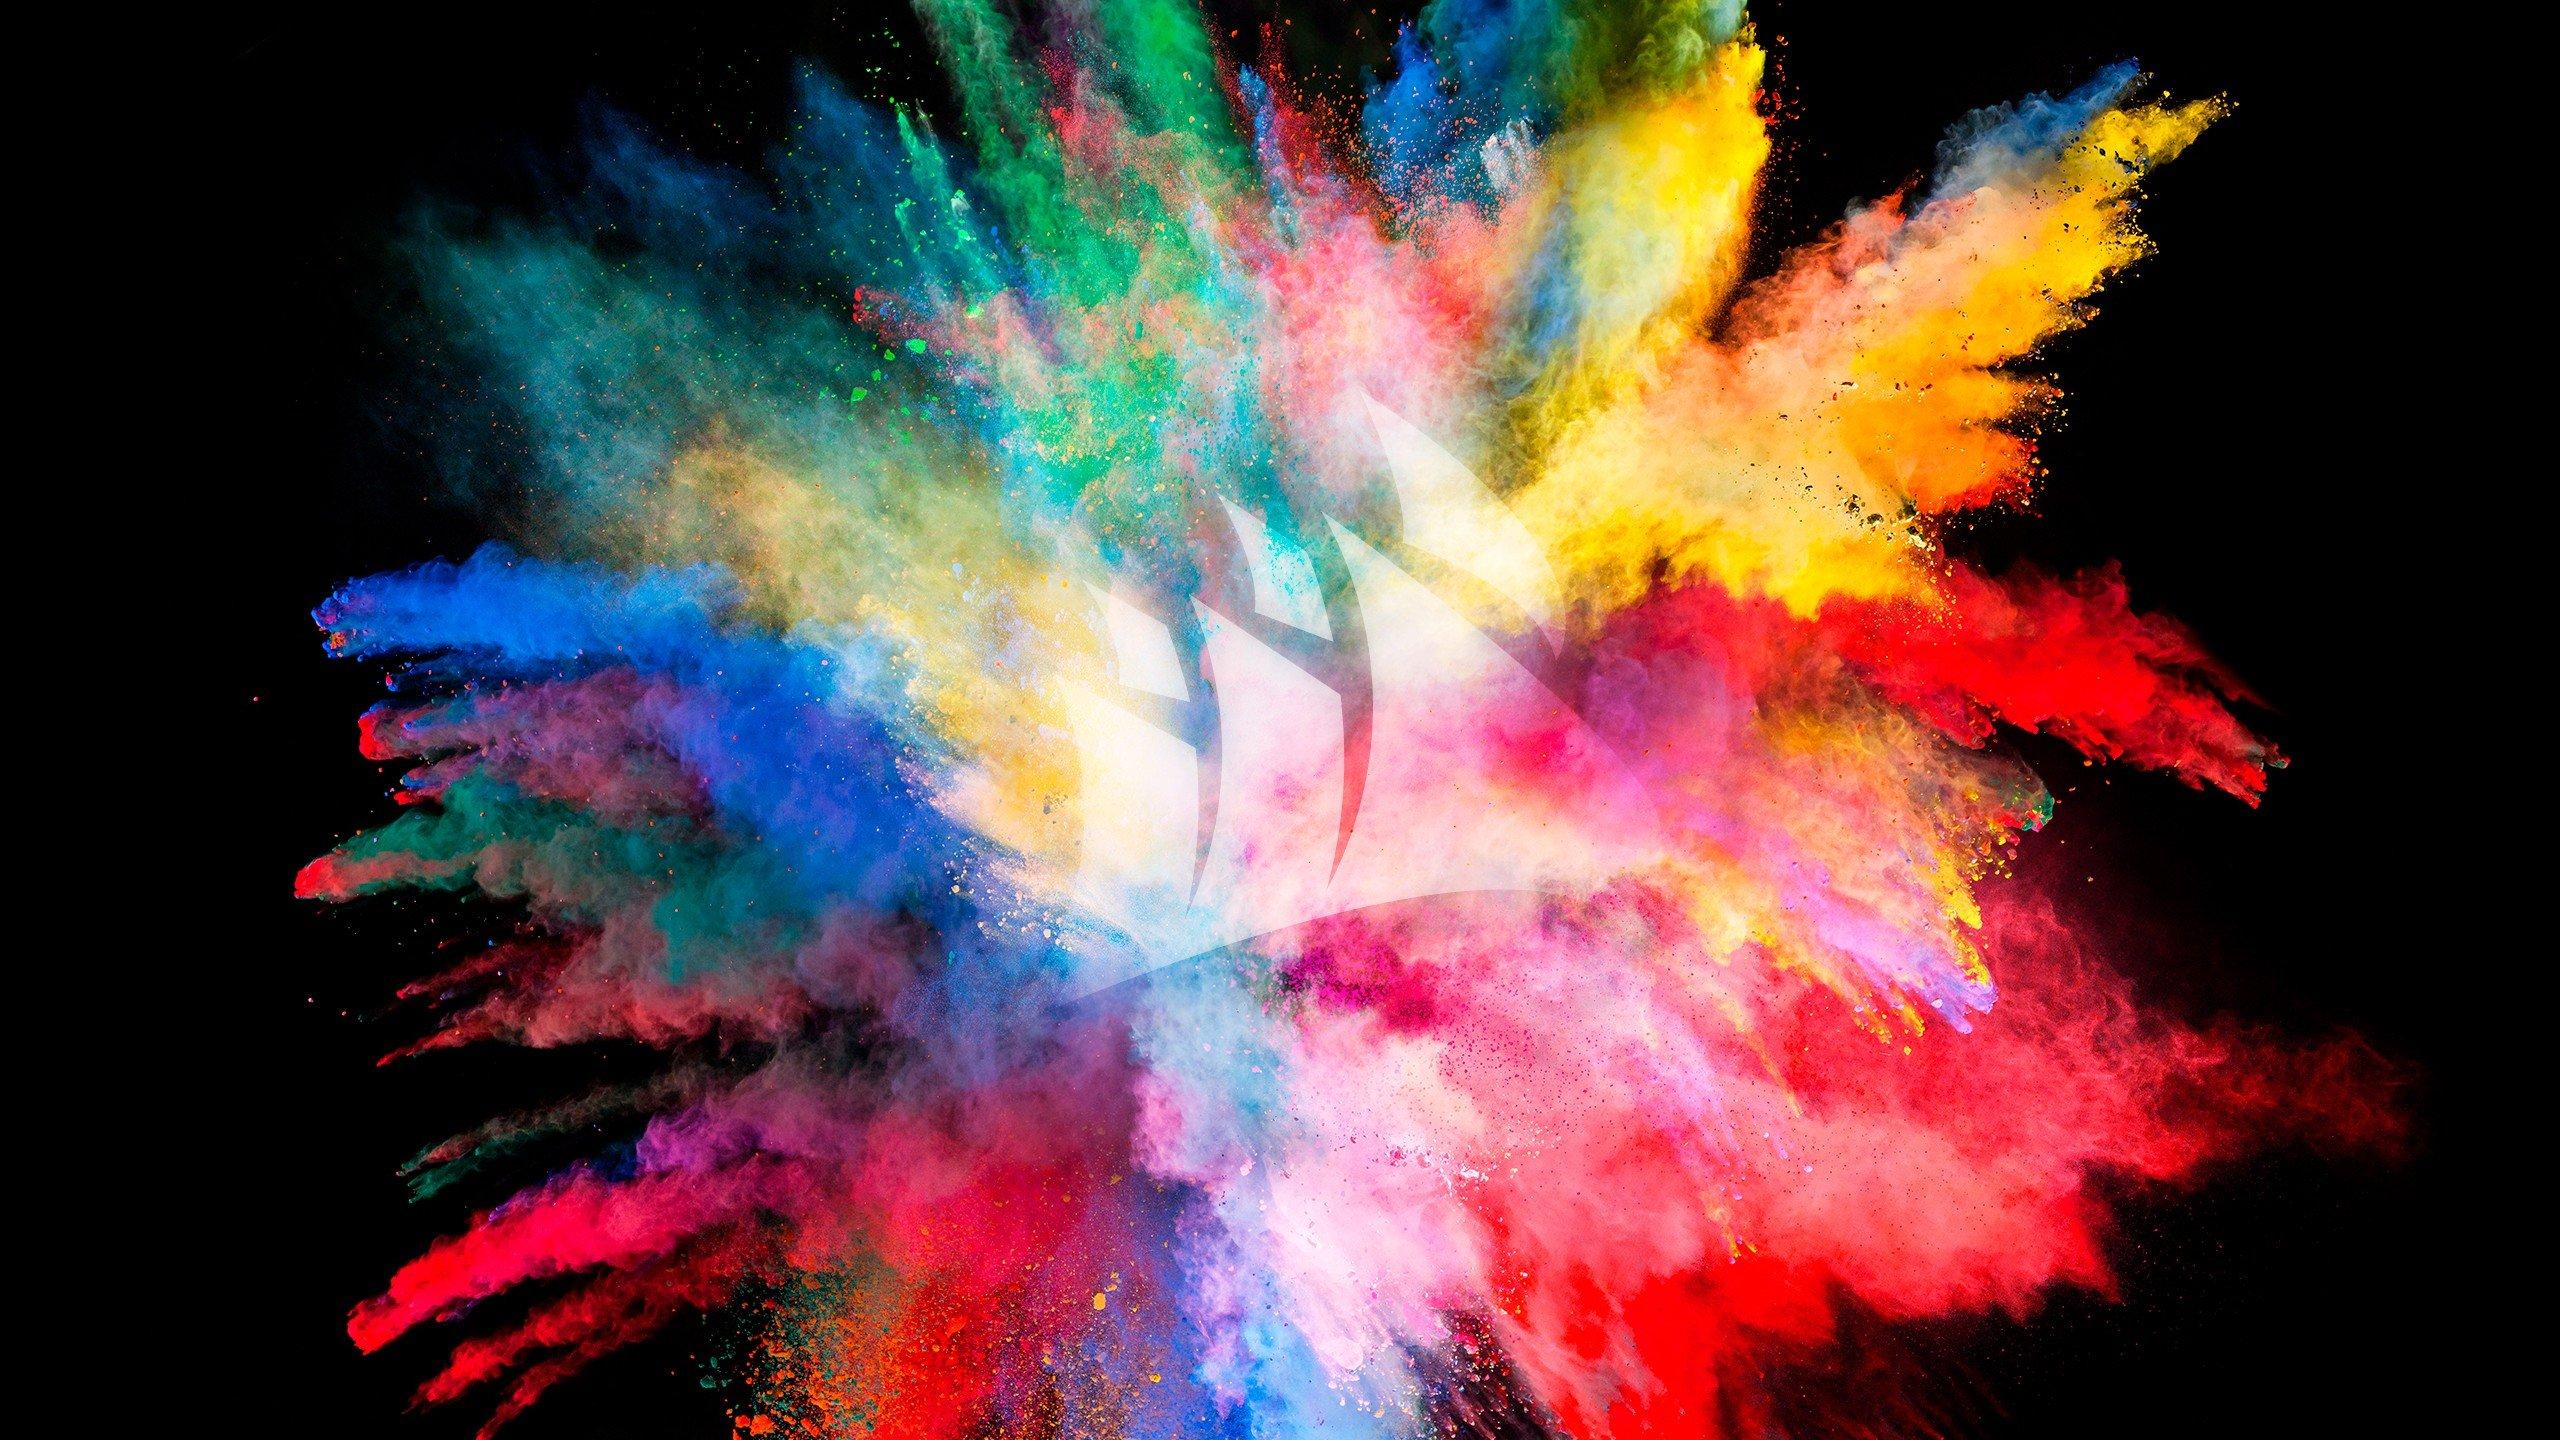 Color Burst WQHD Wallpaper